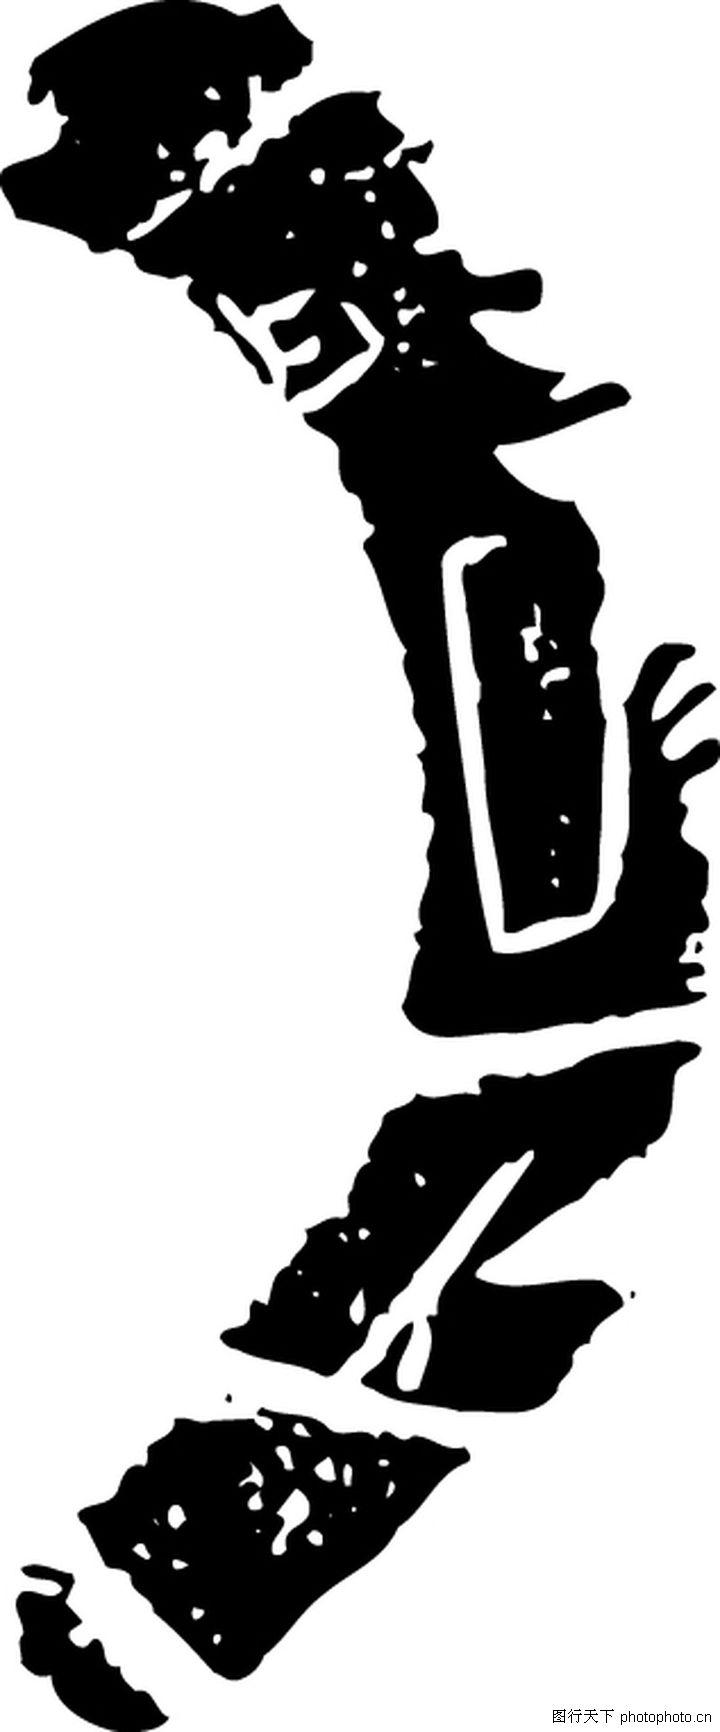 首页 矢量图库 中国古图案 商周时代 >>商周时代0544.